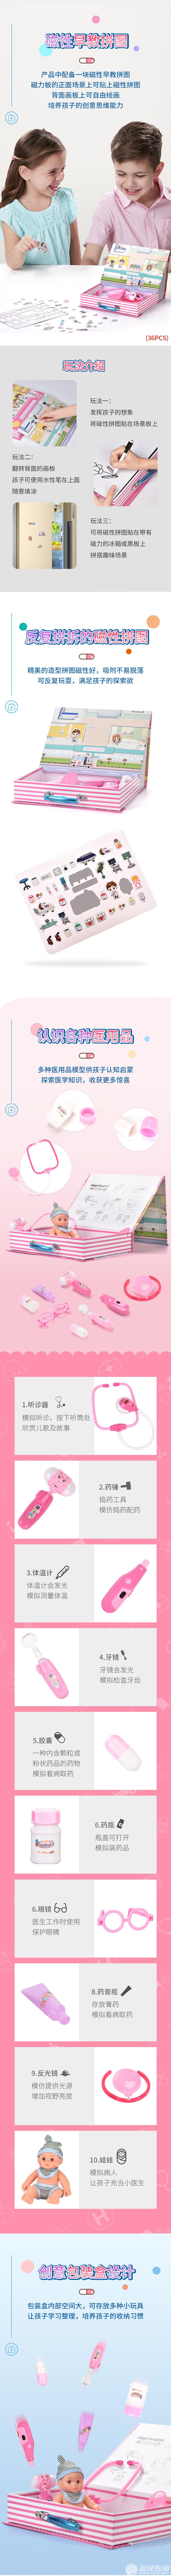 博思达玩具厂-(BS8412B)-声光医生玩具-中文版详情页1.jpg